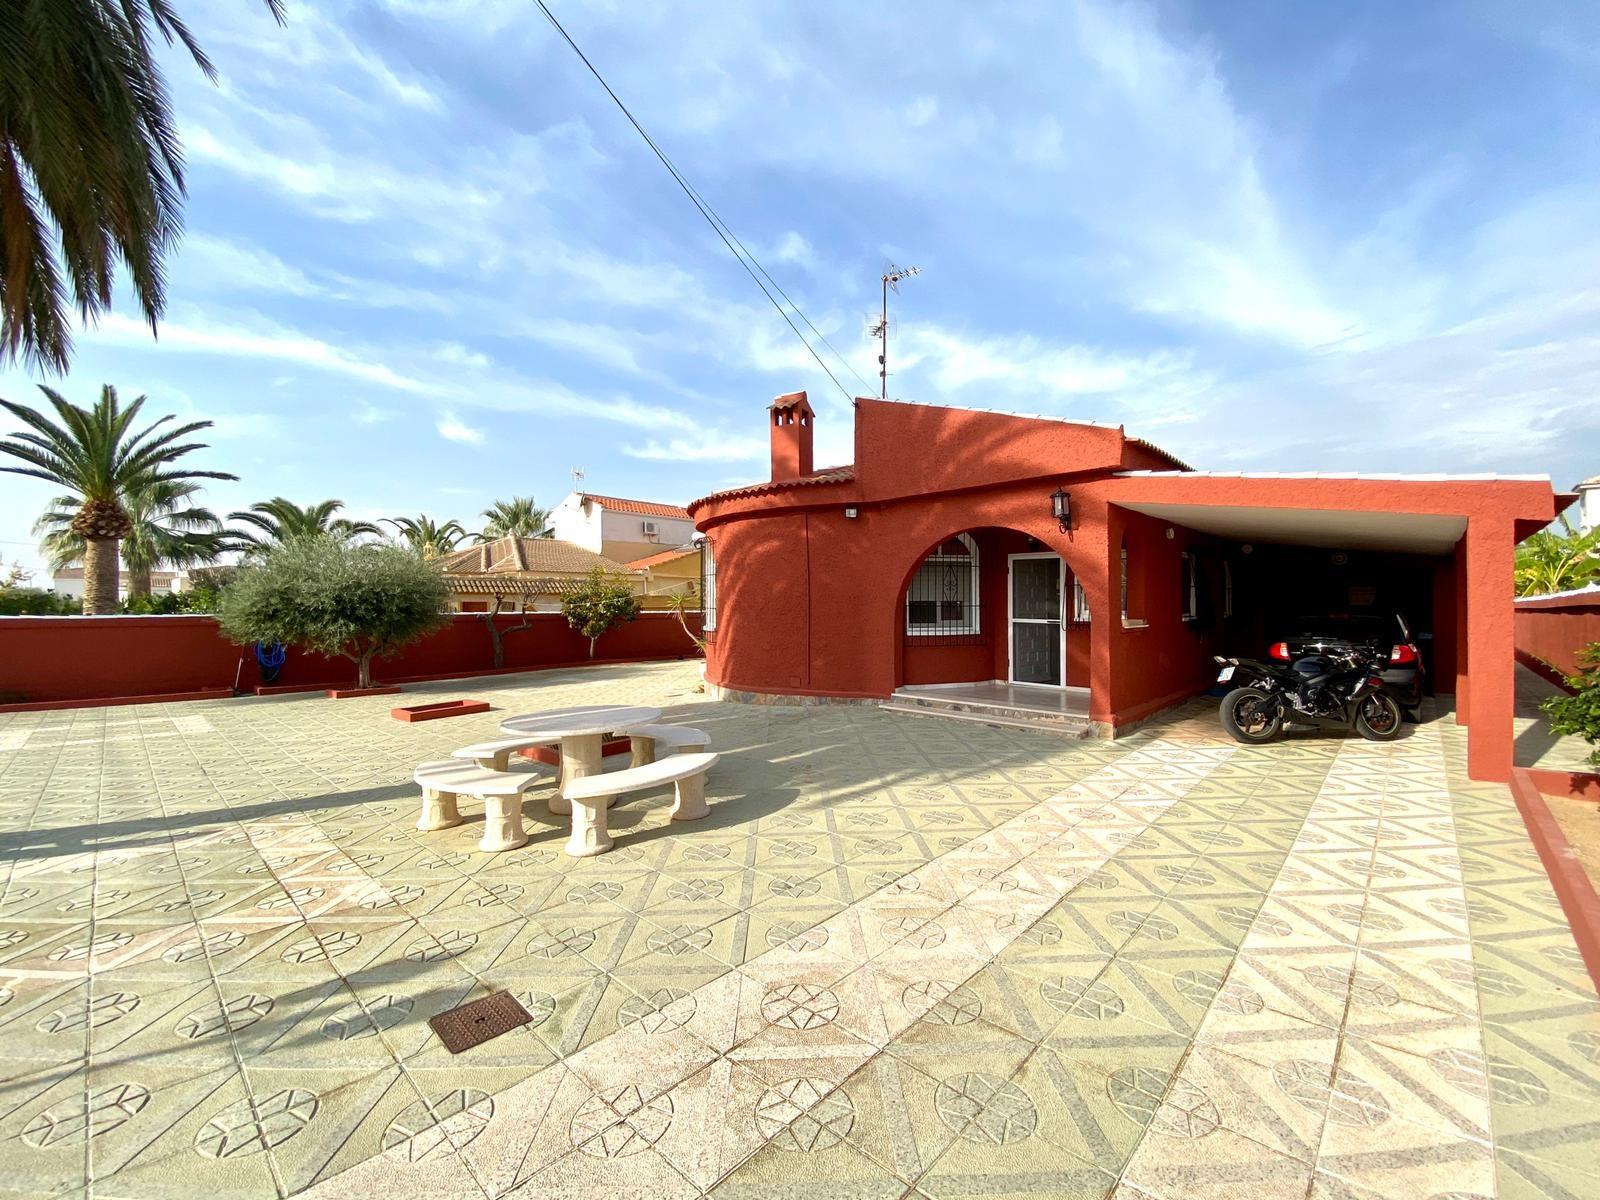 Vrijstaande villa in Torrevieja - Bestaande bouw